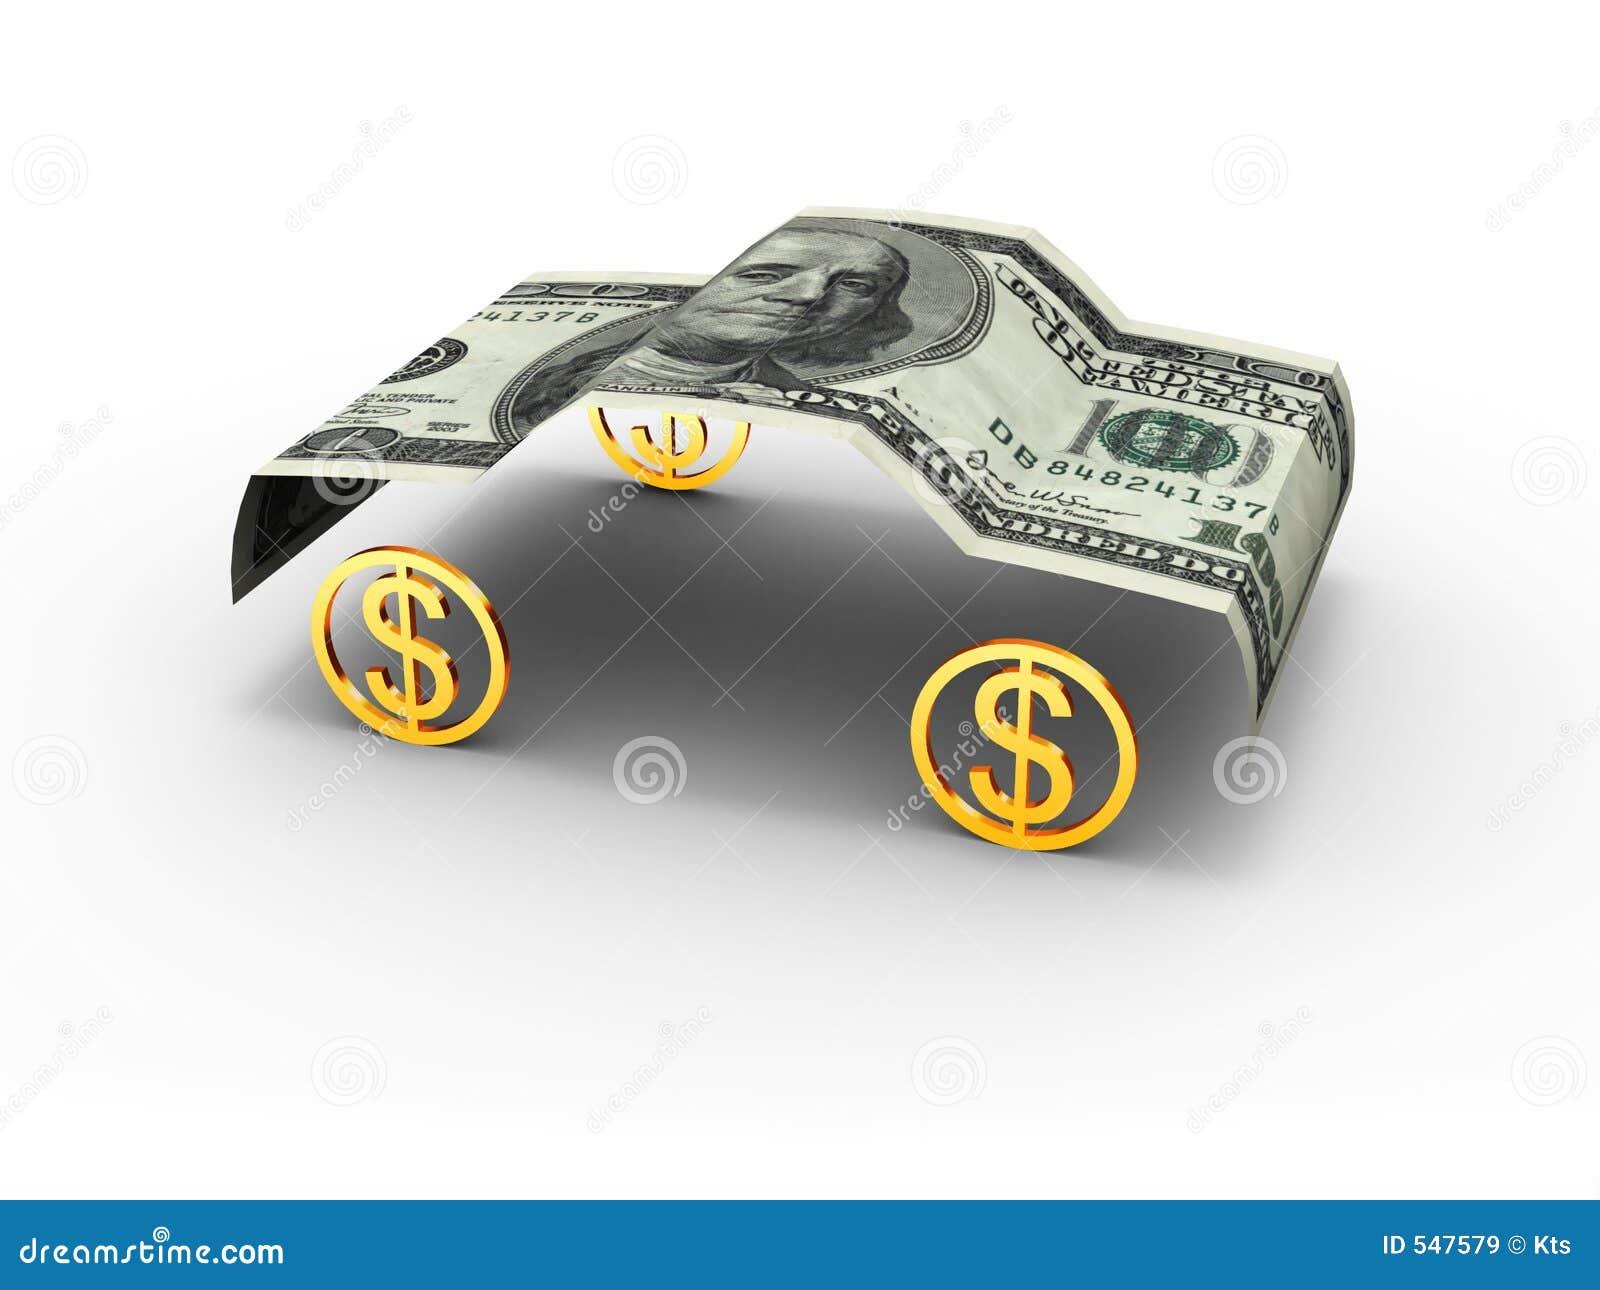 car dollar stock illustration image of rich automobile 547579. Black Bedroom Furniture Sets. Home Design Ideas